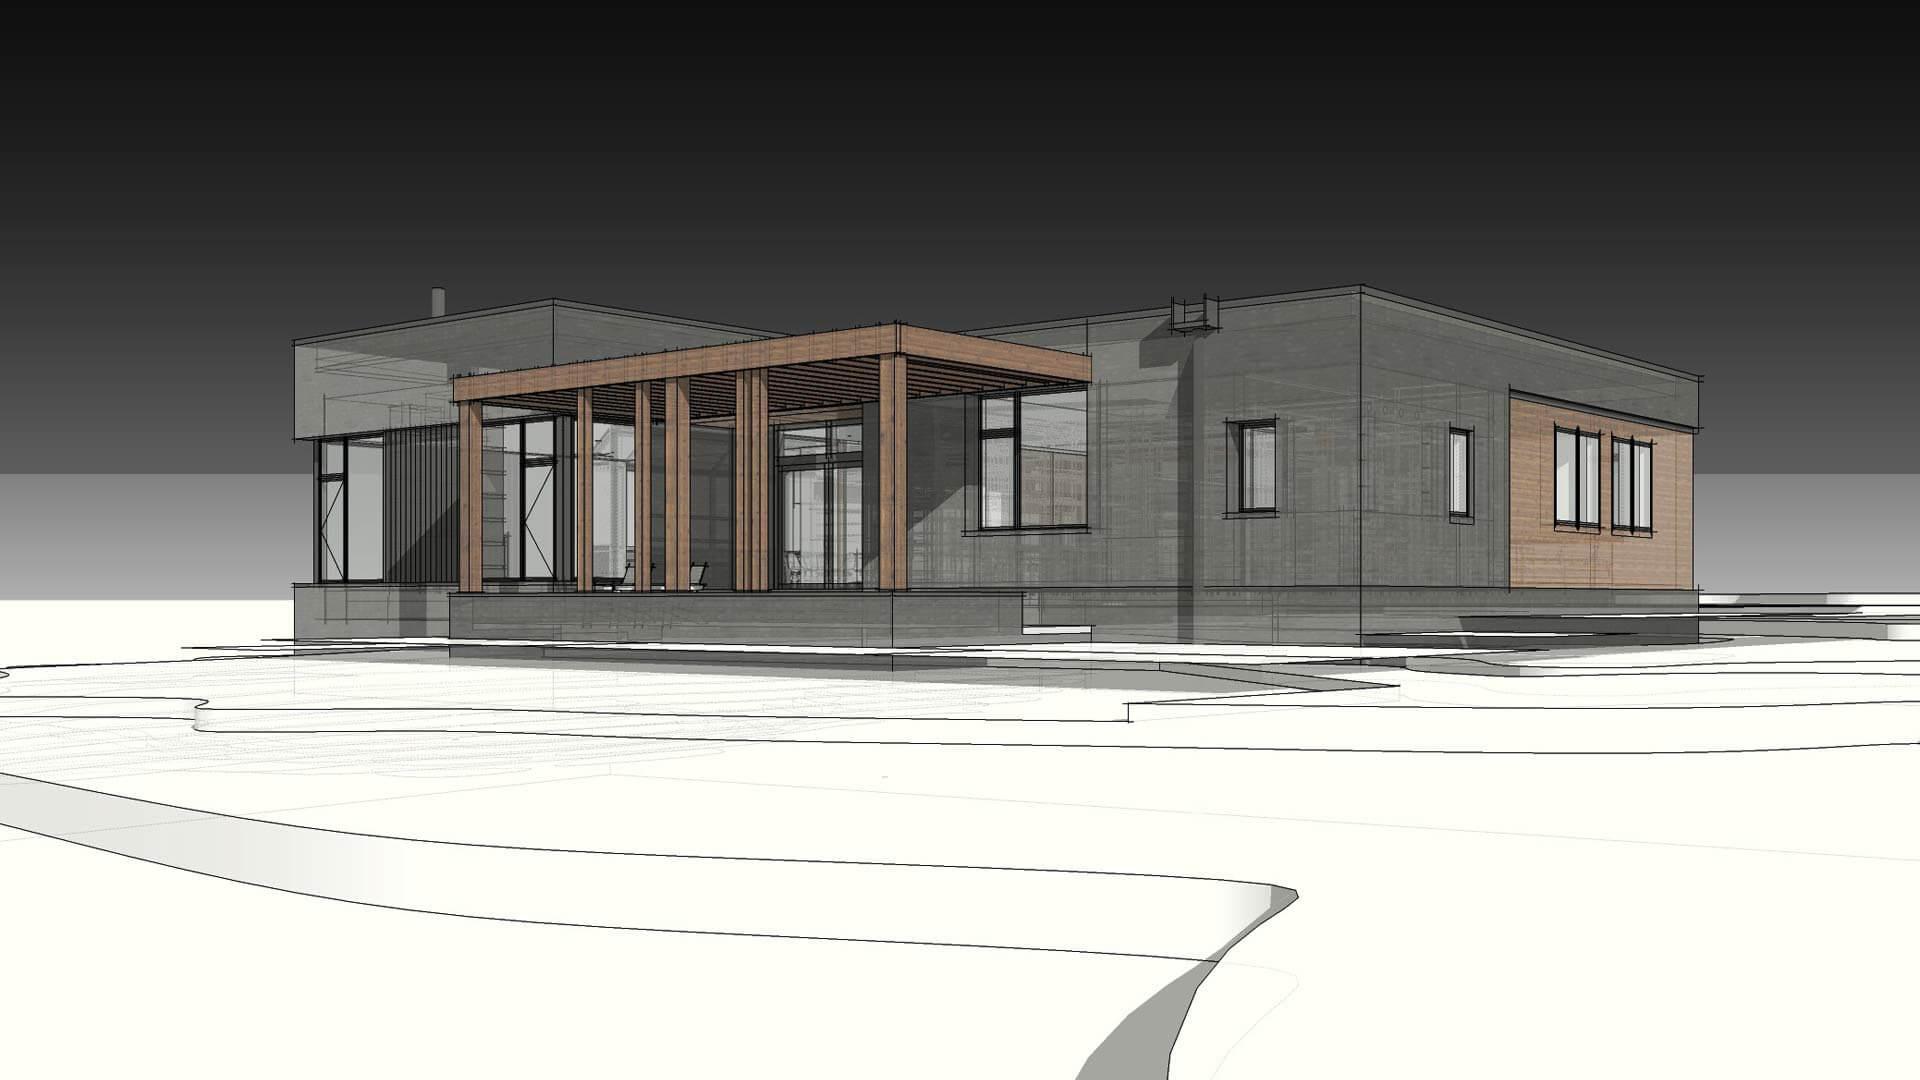 Southwest Exterior Elevation (Rendering) - Modern Brick House, Indianapolis, Windcombe Neighborhood